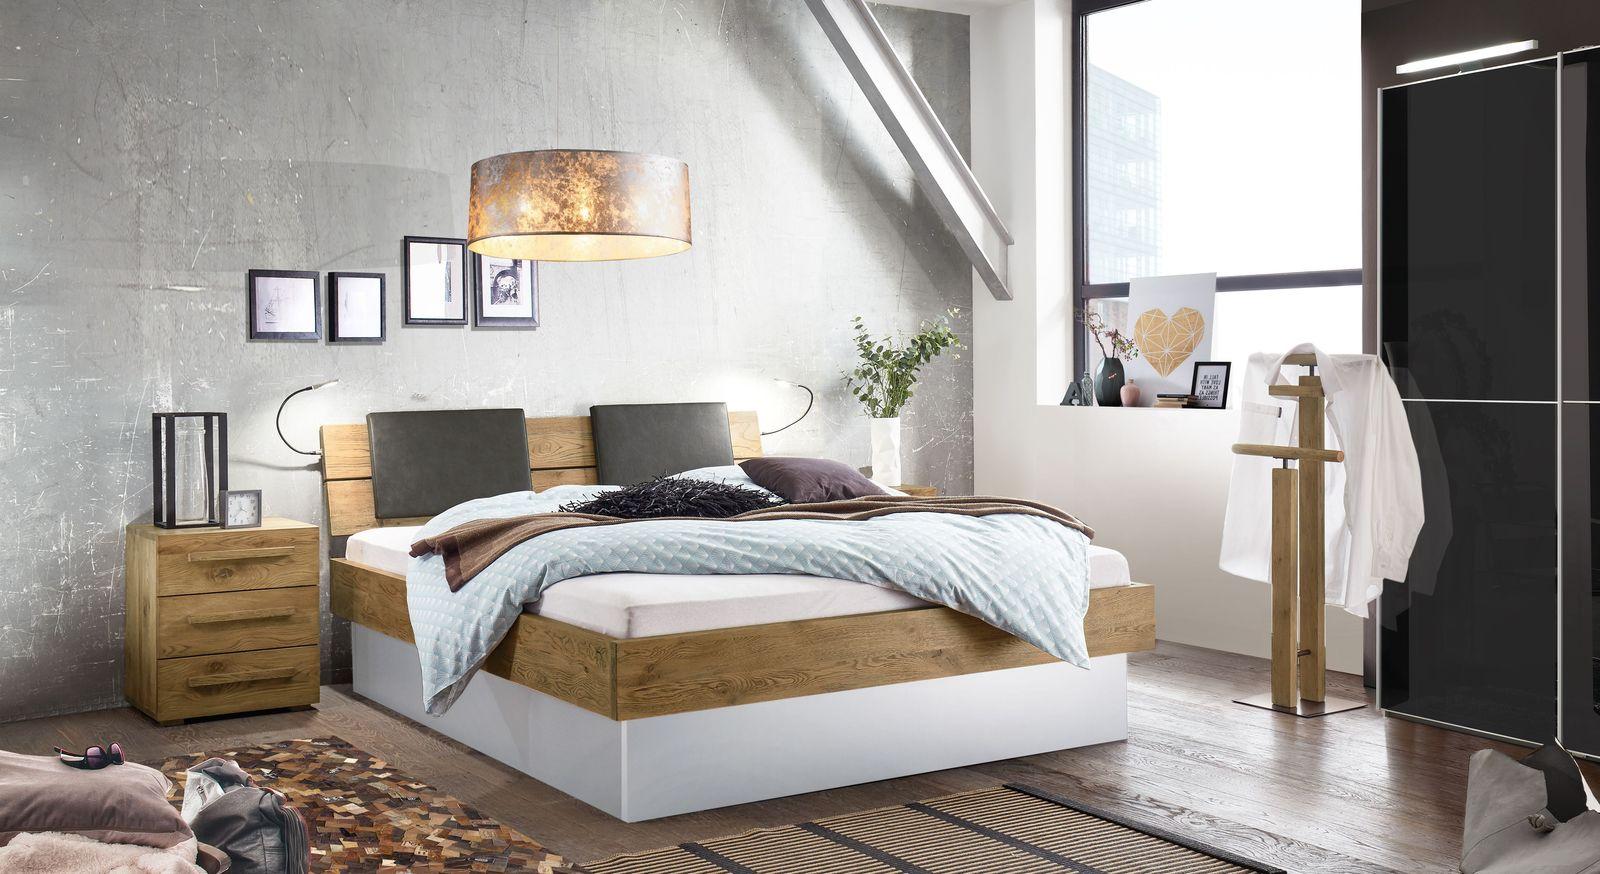 Bett Boa Vista mit komfortabler Einstiegshöhe